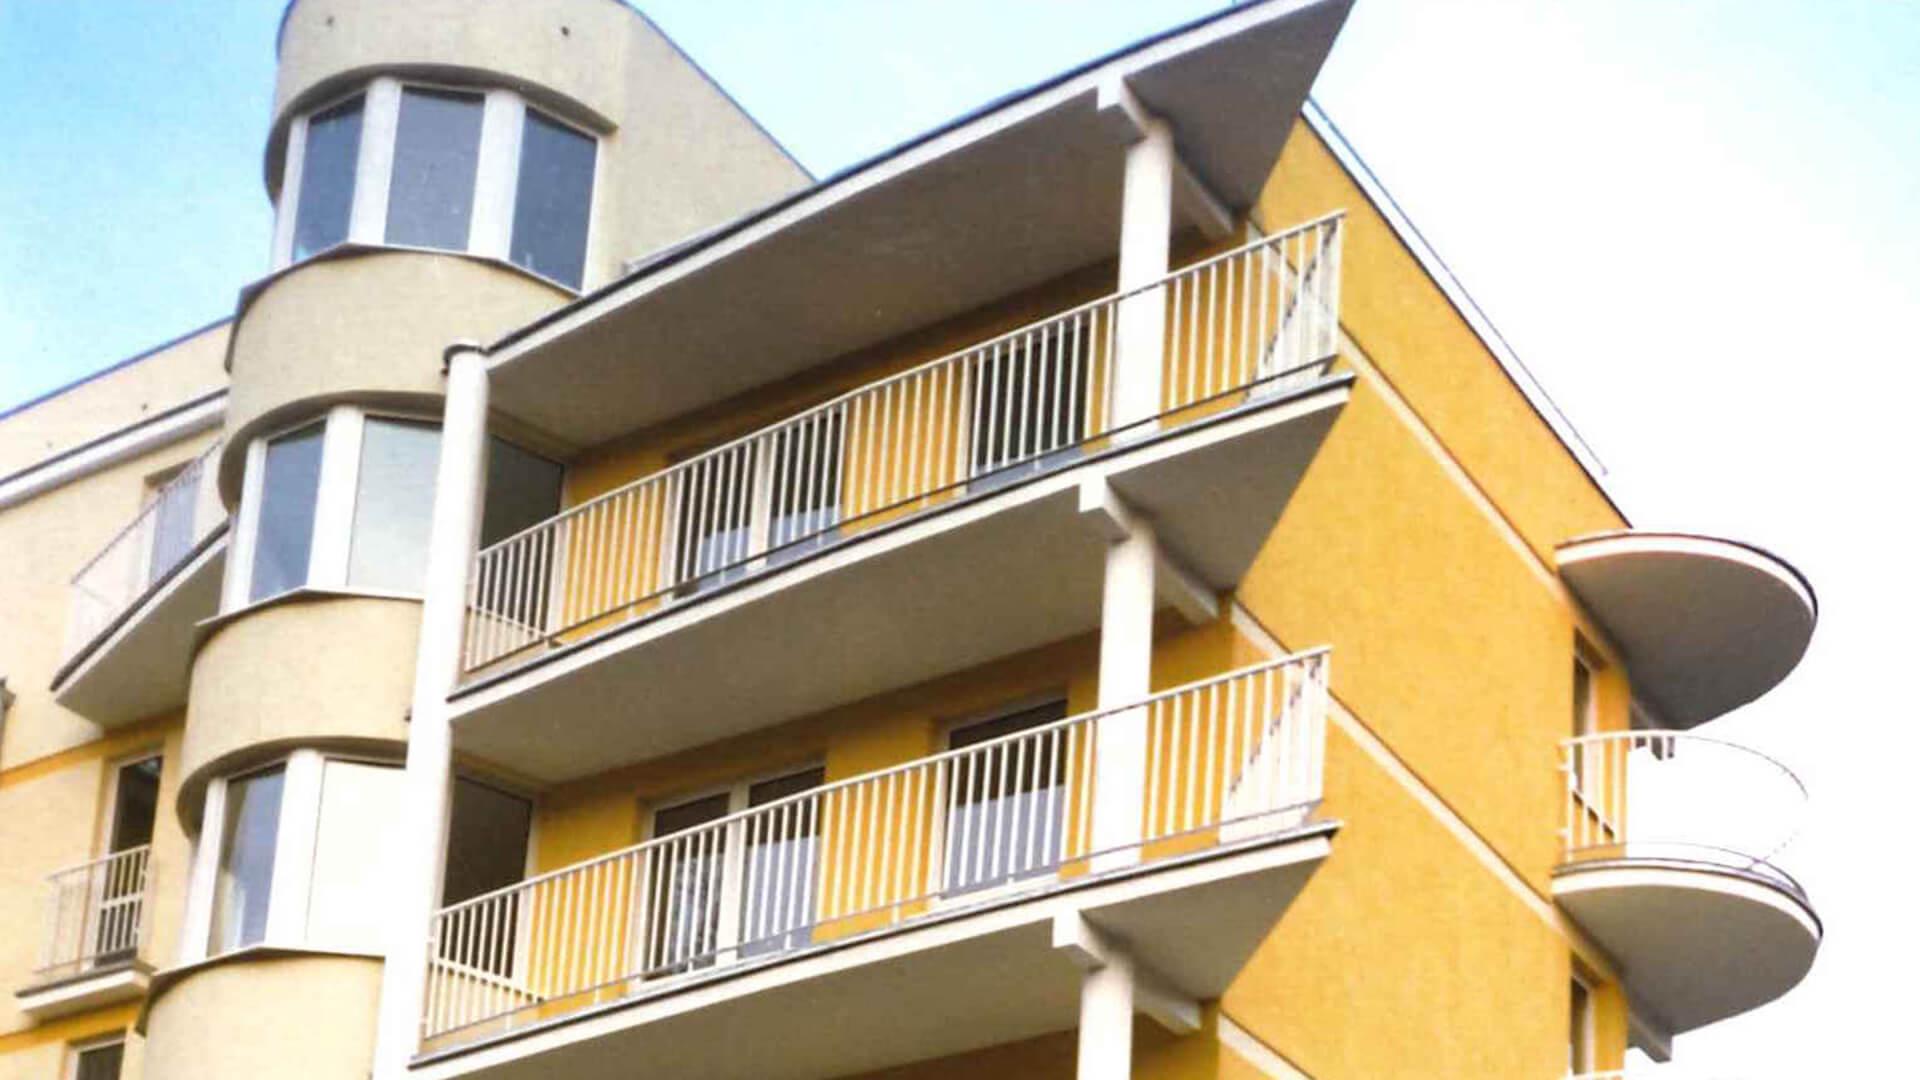 Spółdzielnia-mieszkaniowa-BLOK-2-1.jpg